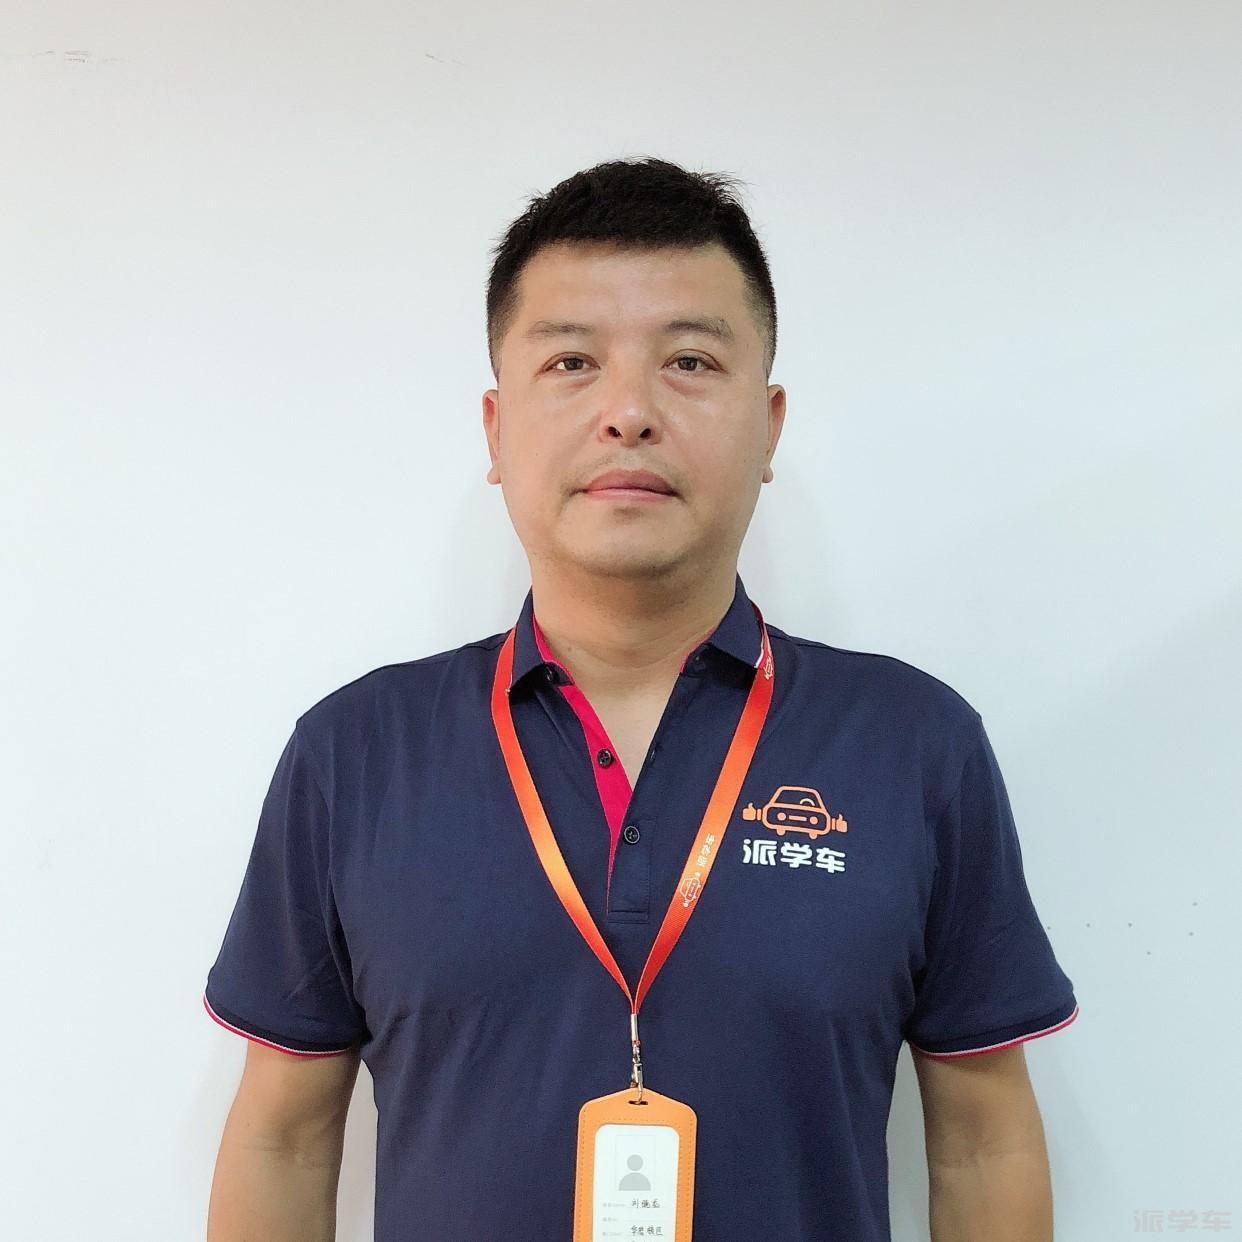 教练刘晓龙